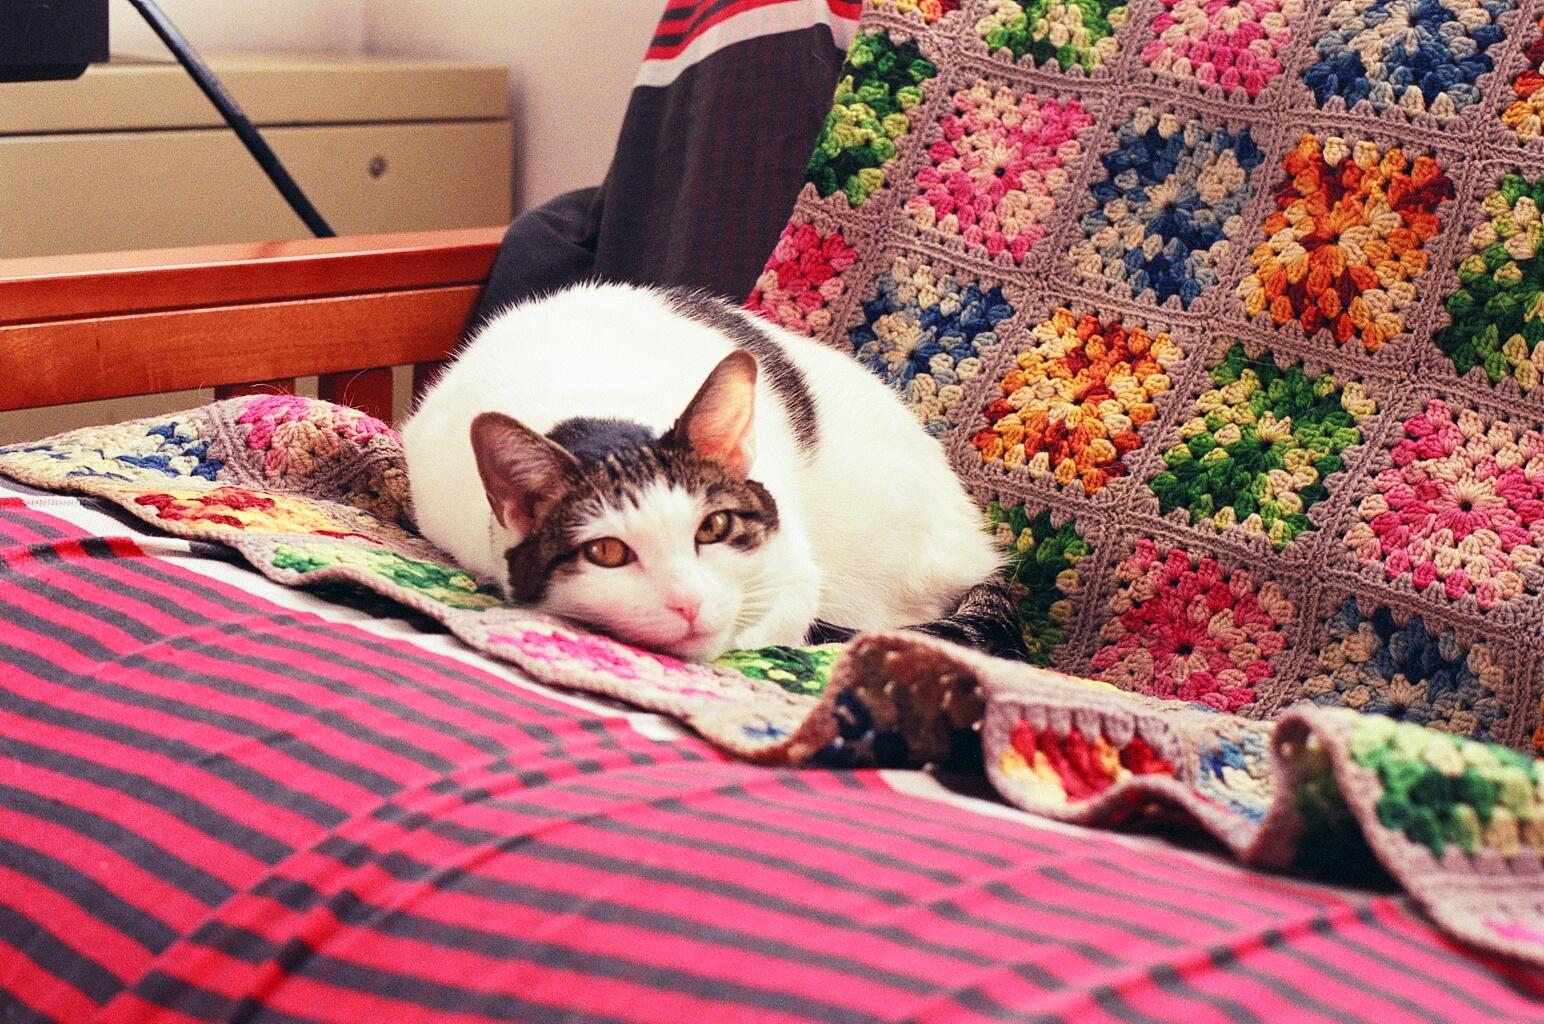 Mei Mei enjoying granny's blanket